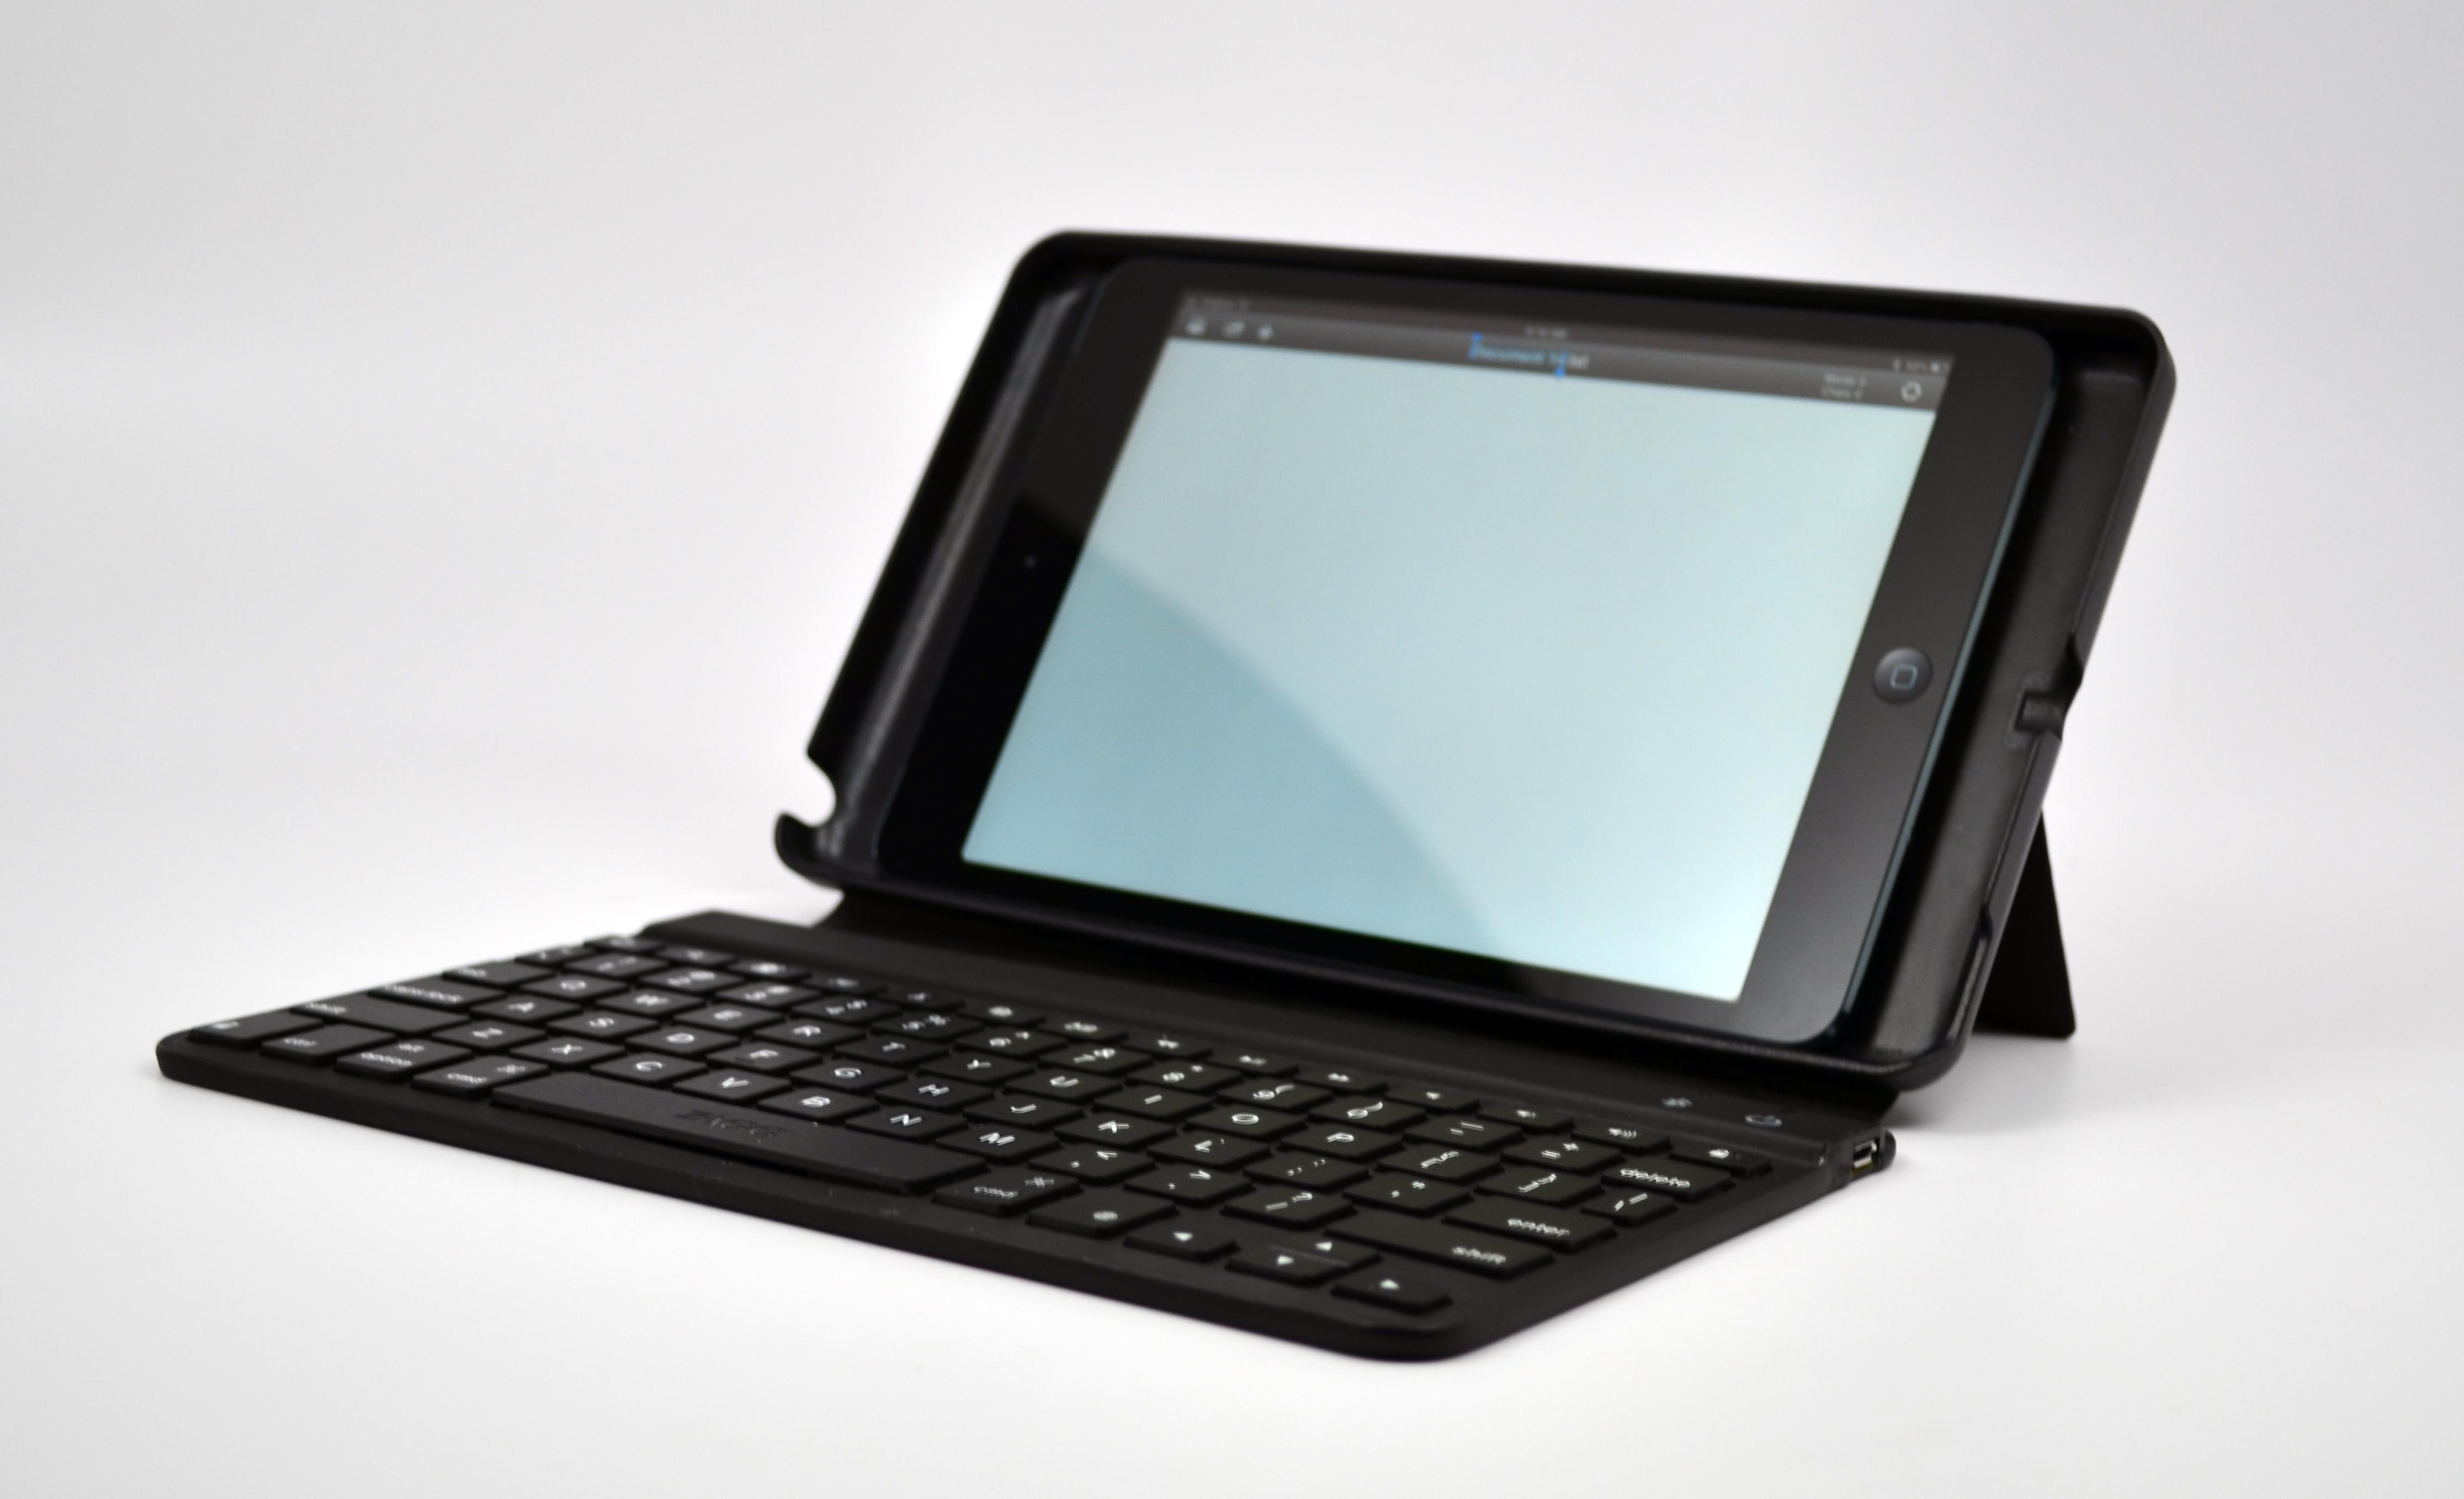 ZAGGKeys mini 9 review - iPad mini keyboad case - 04